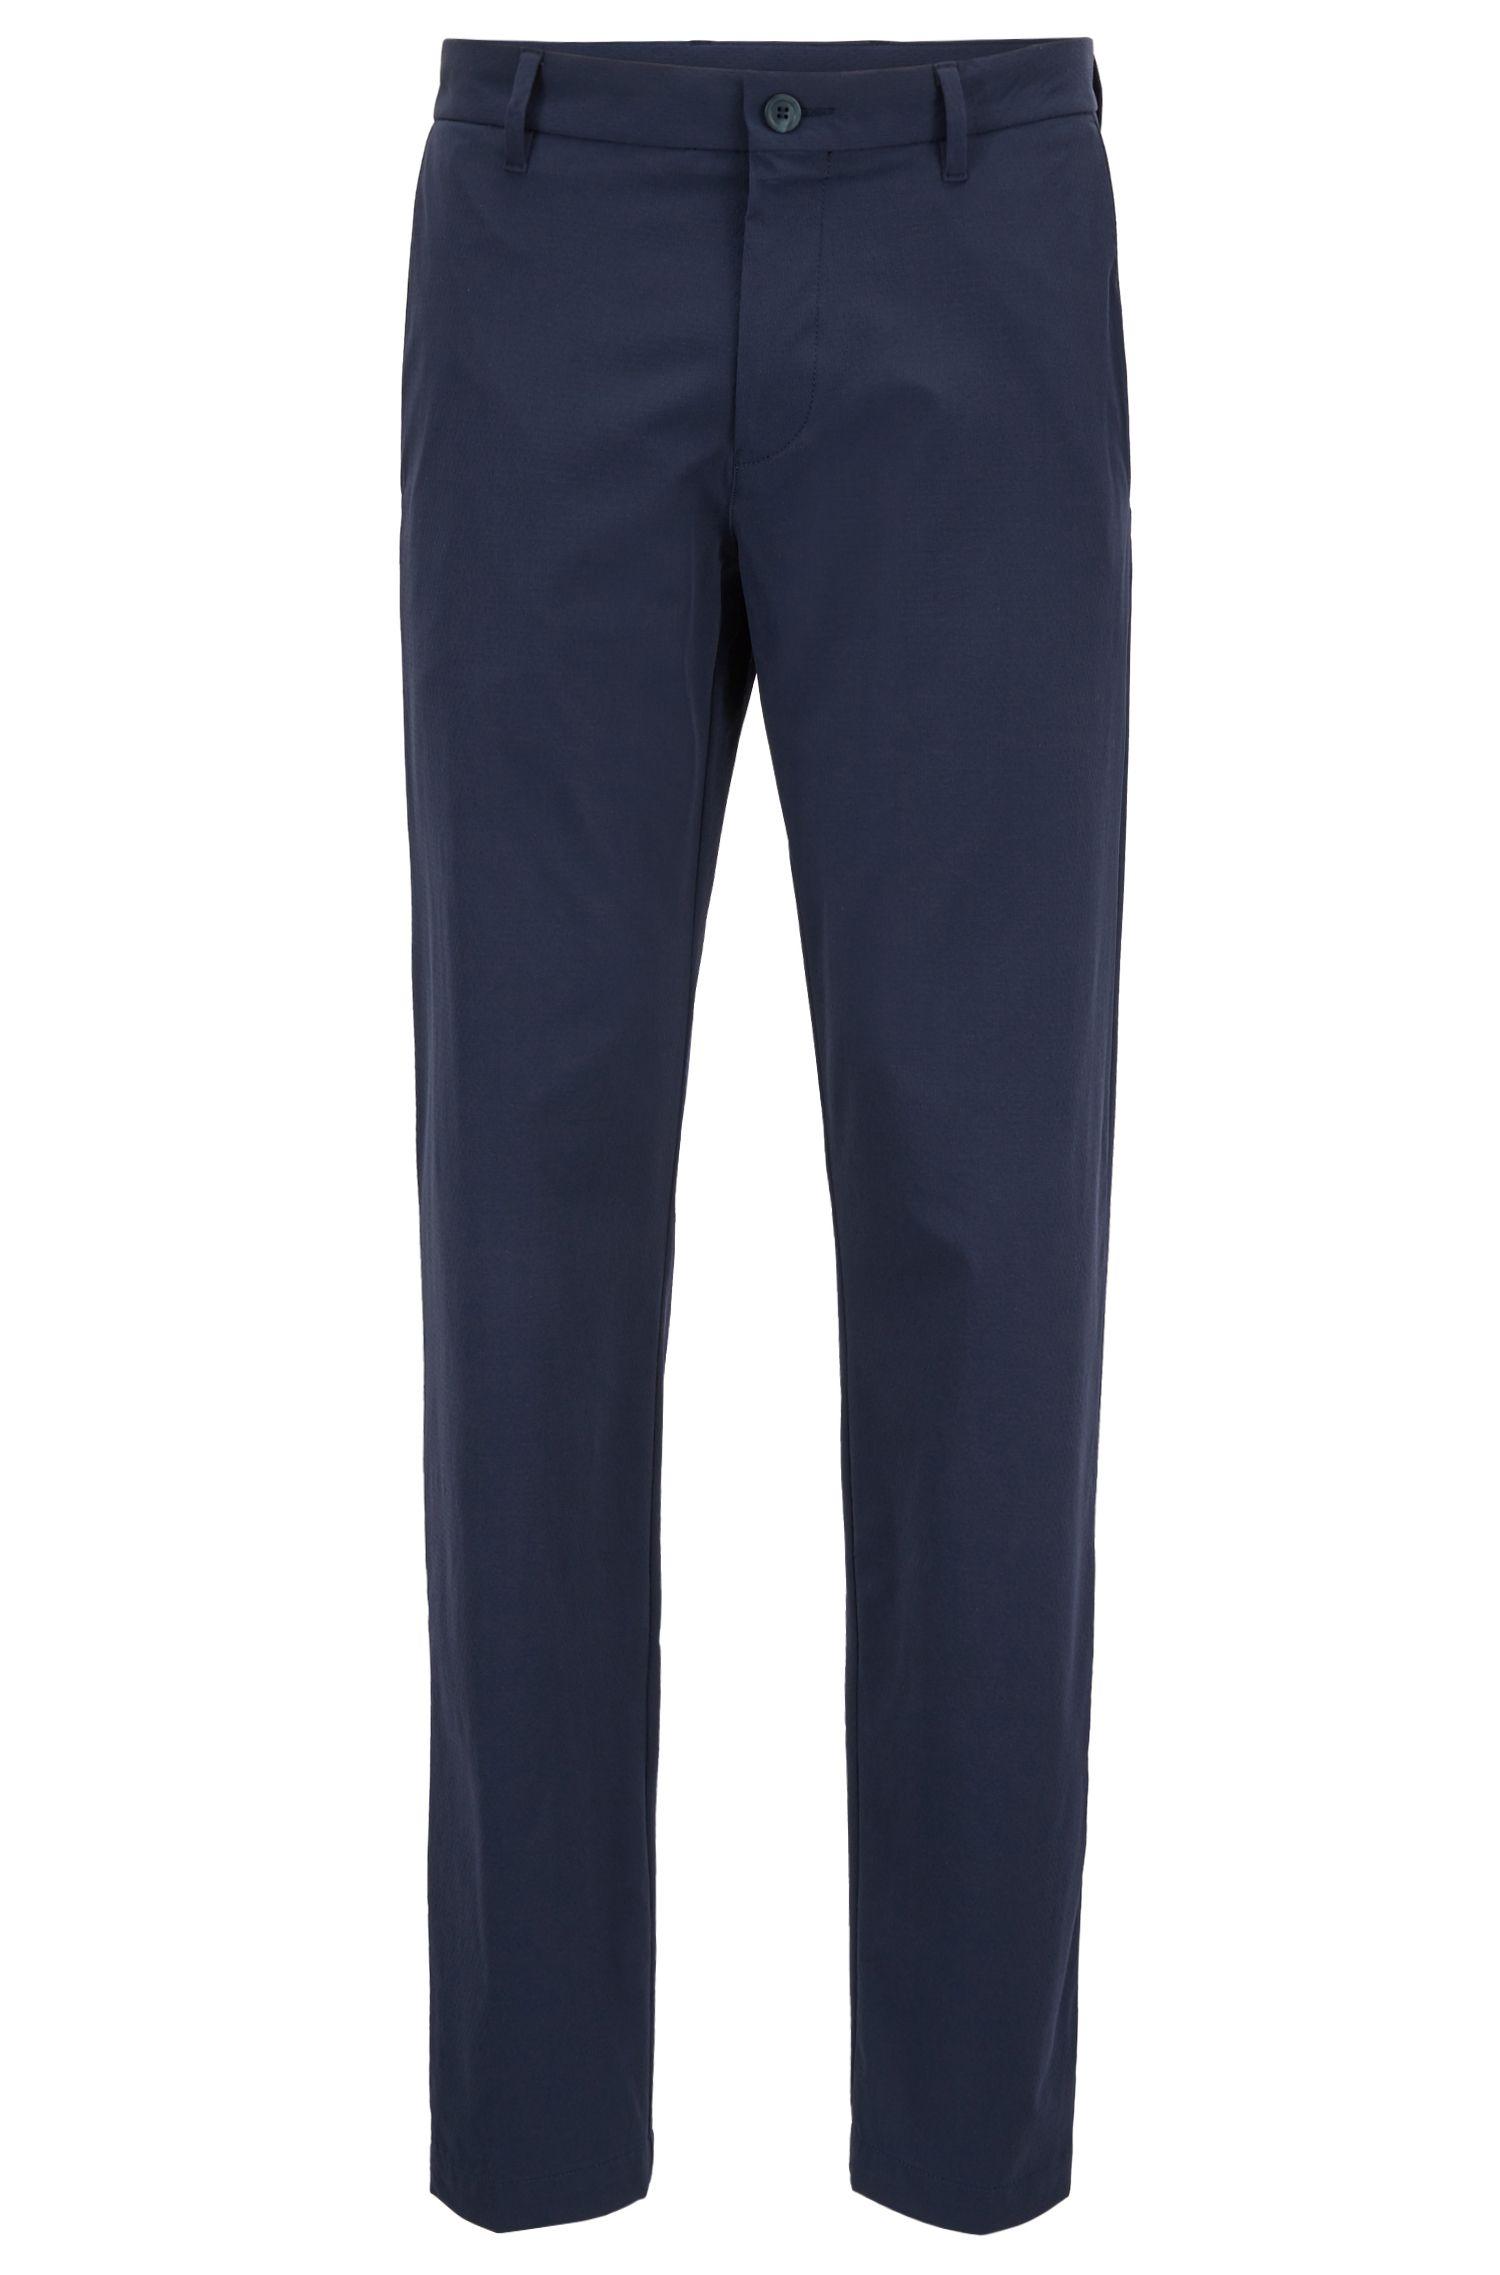 Pantalon imperméable Extra Slim Fit en tissu façonné stretch